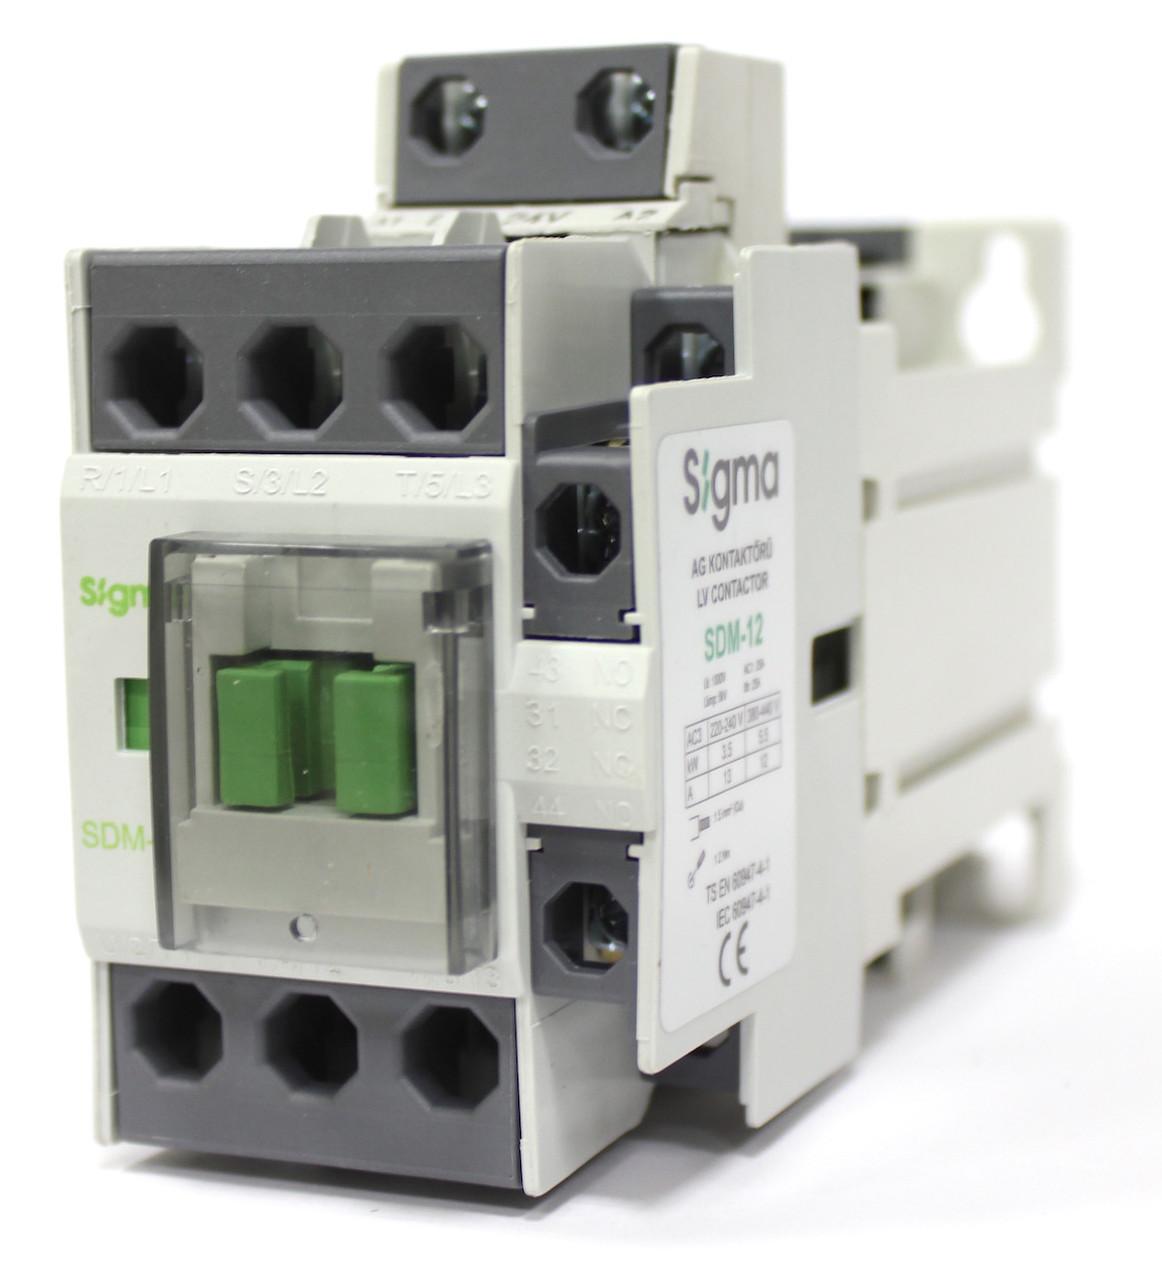 контактор 24 вольта постоянного тока